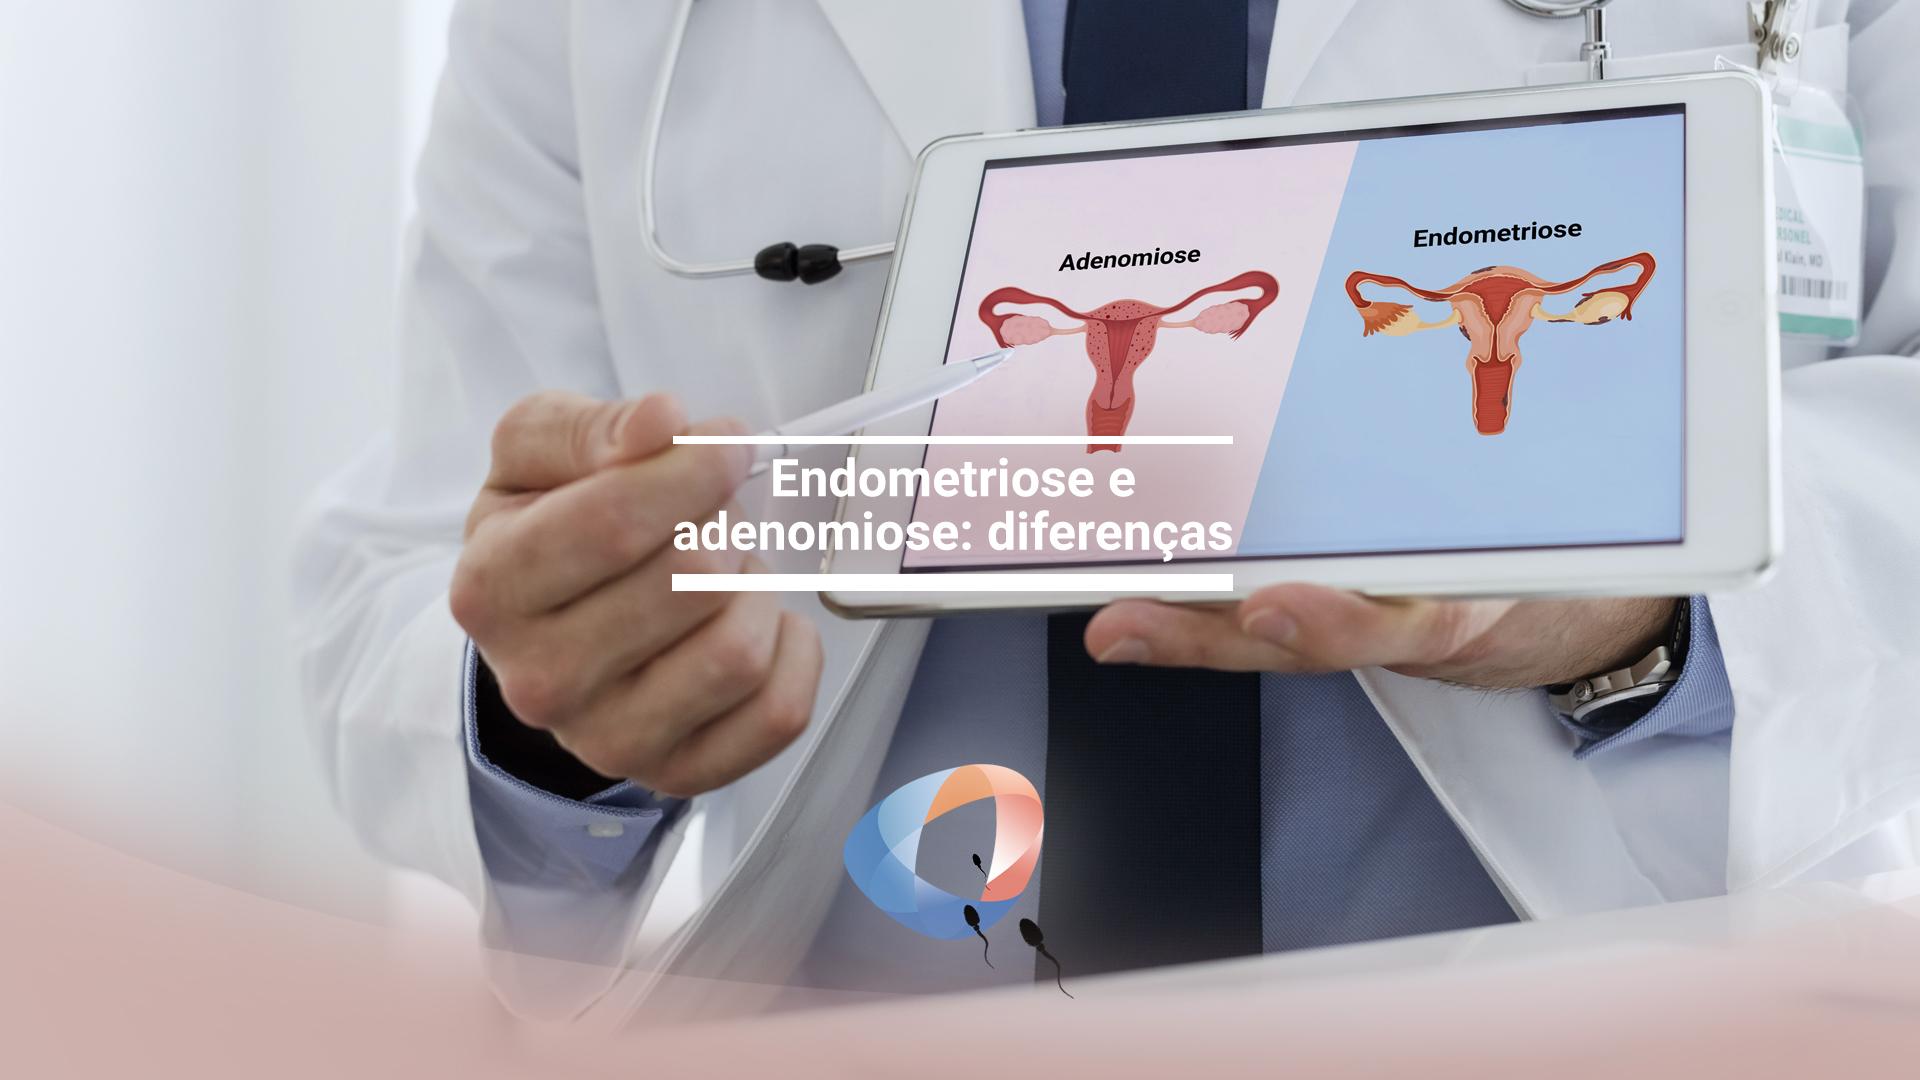 Endometriose e adenomiose: diferenças